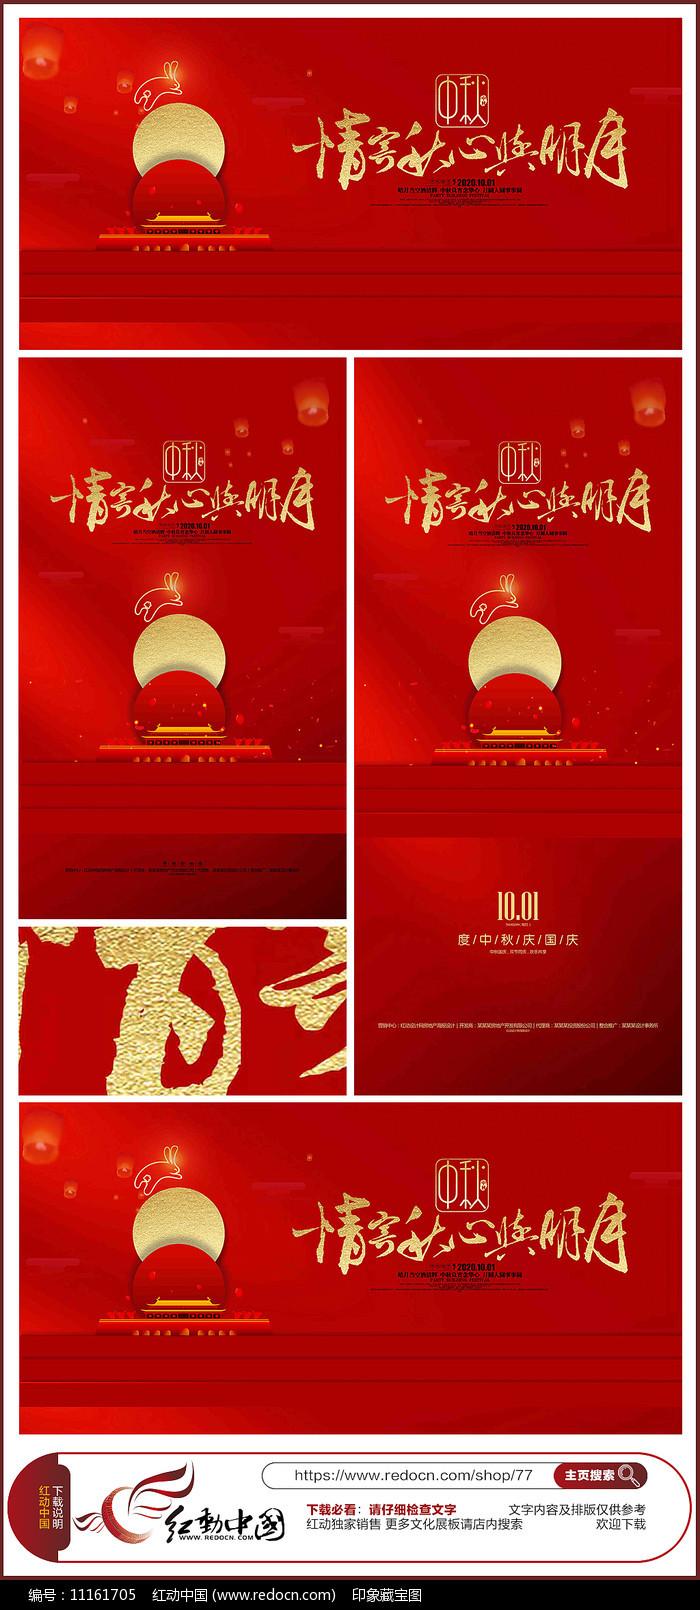 红色大气中秋国庆双节海报设计图片